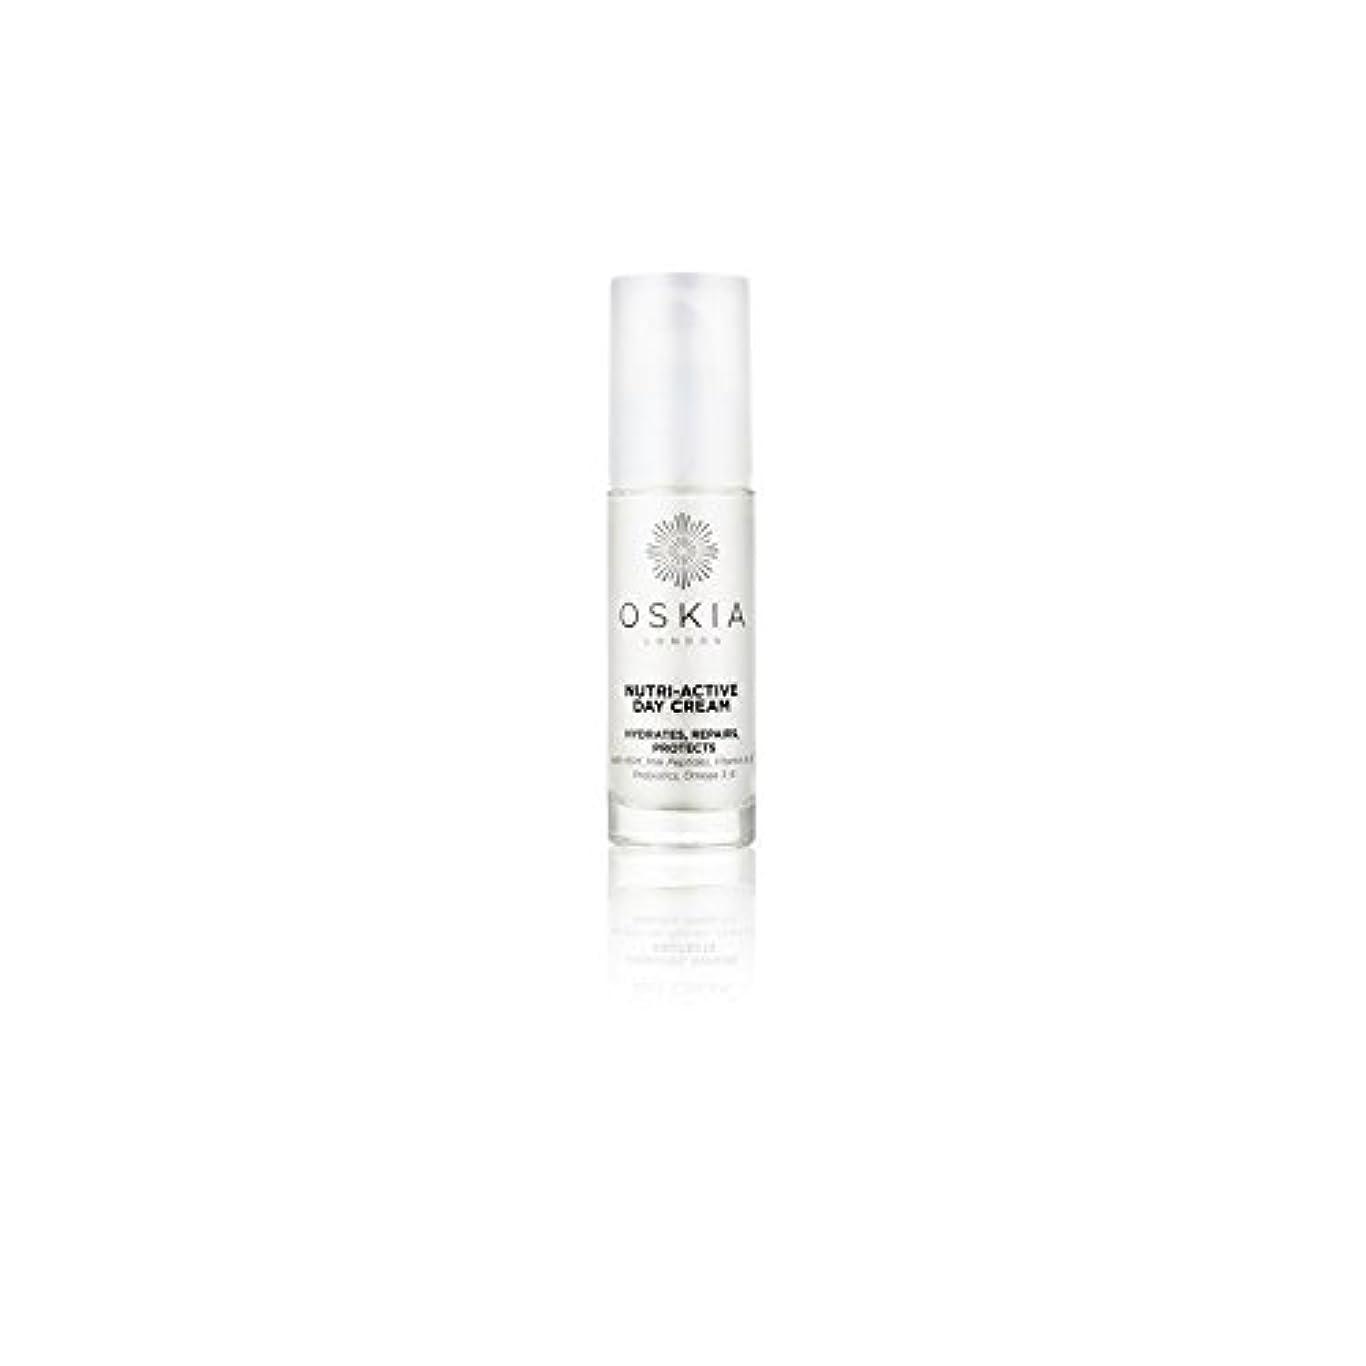 仕える繁栄現像のニュートリアクティブデイクリーム(40ミリリットル) x4 - Oskia Nutri-Active Day Cream (40ml) (Pack of 4) [並行輸入品]